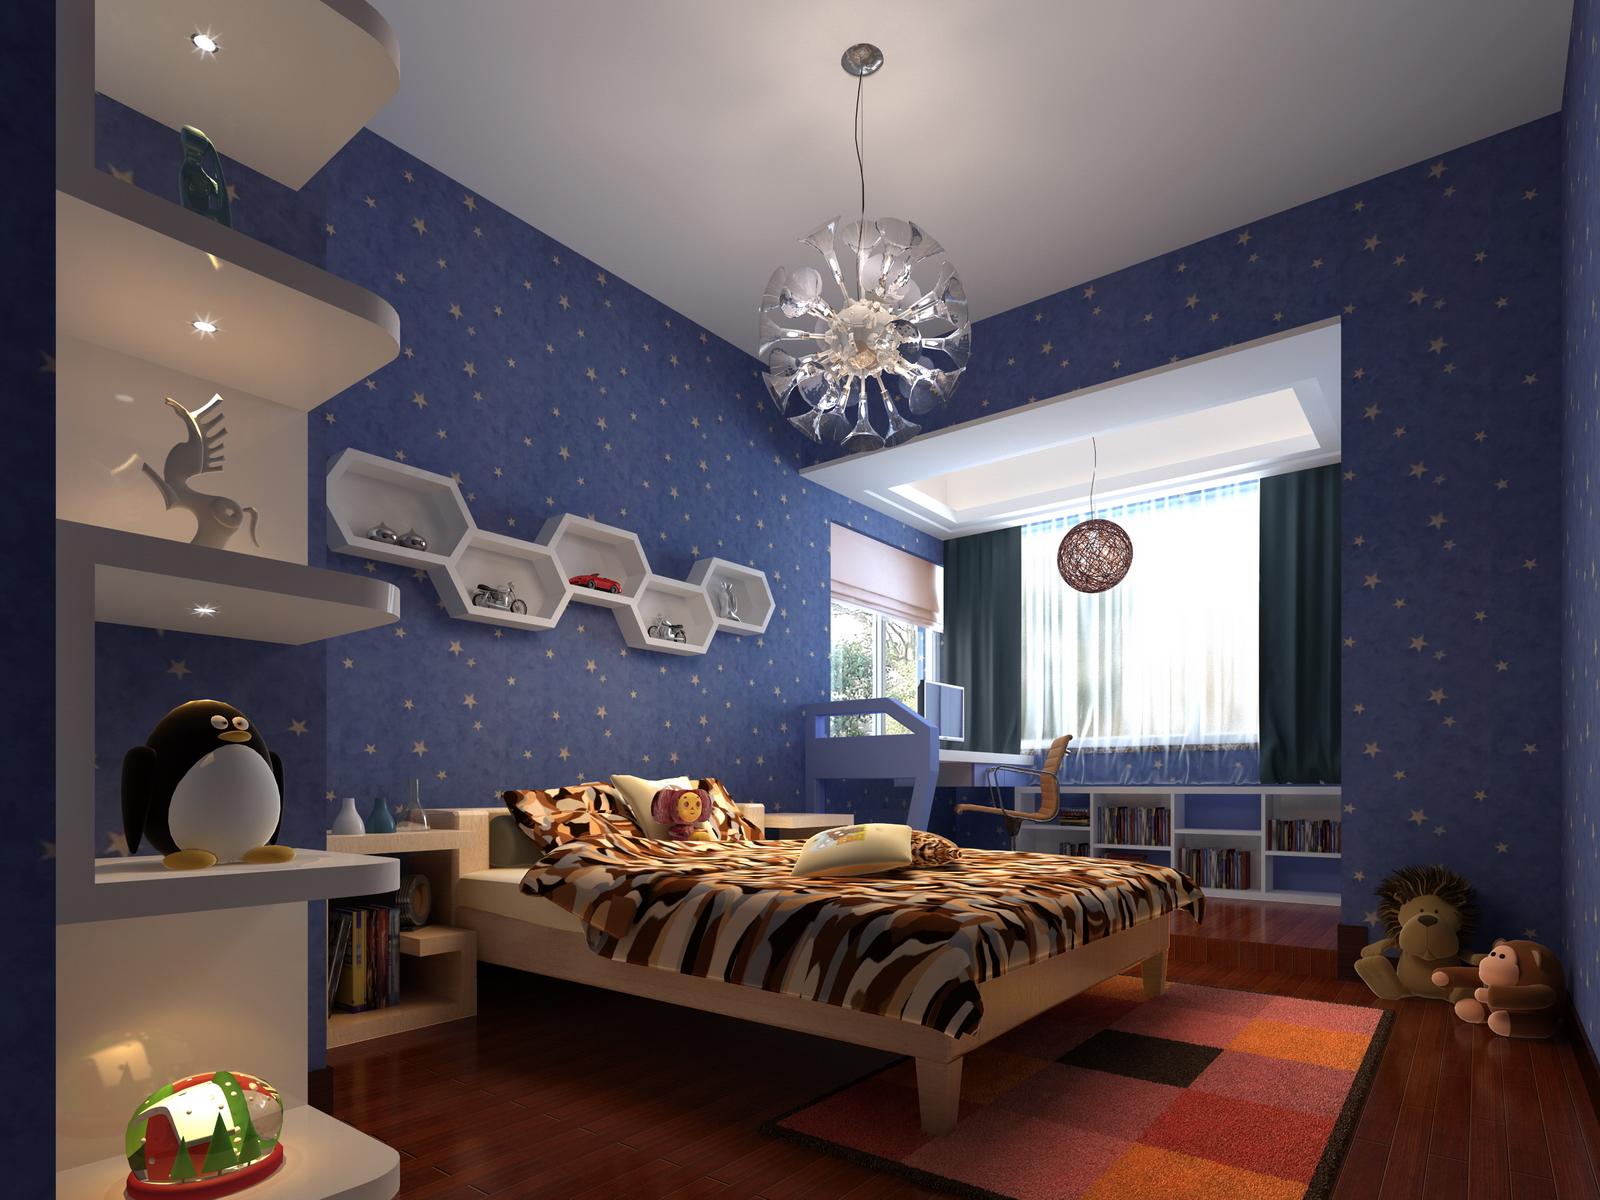 简约 欧式 收纳 别墅 卧室图片来自bjsdgjzs在【尚都国际装饰】九章别墅案例的分享